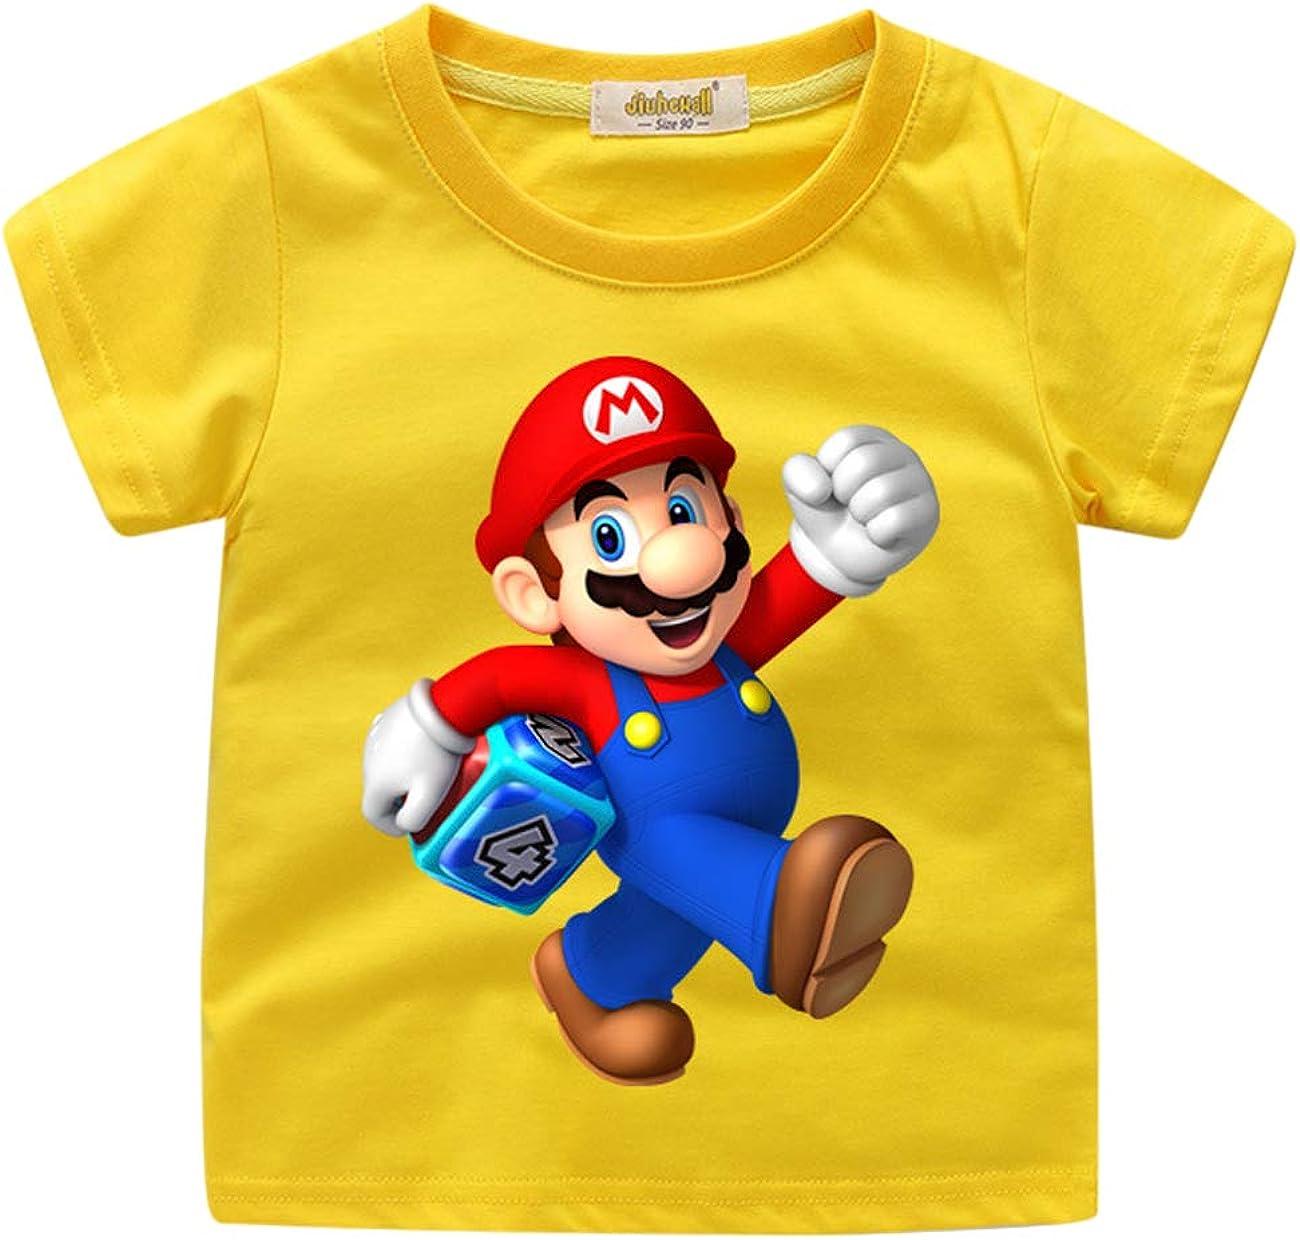 Moda Super Mario Maglietta per Bambini,Super Mario Bros Manica Corta Estate Tee T-Shirt Elegante Camicia Tops Camicetta Blusa Maglietta da Ragazzi E Ragazzo